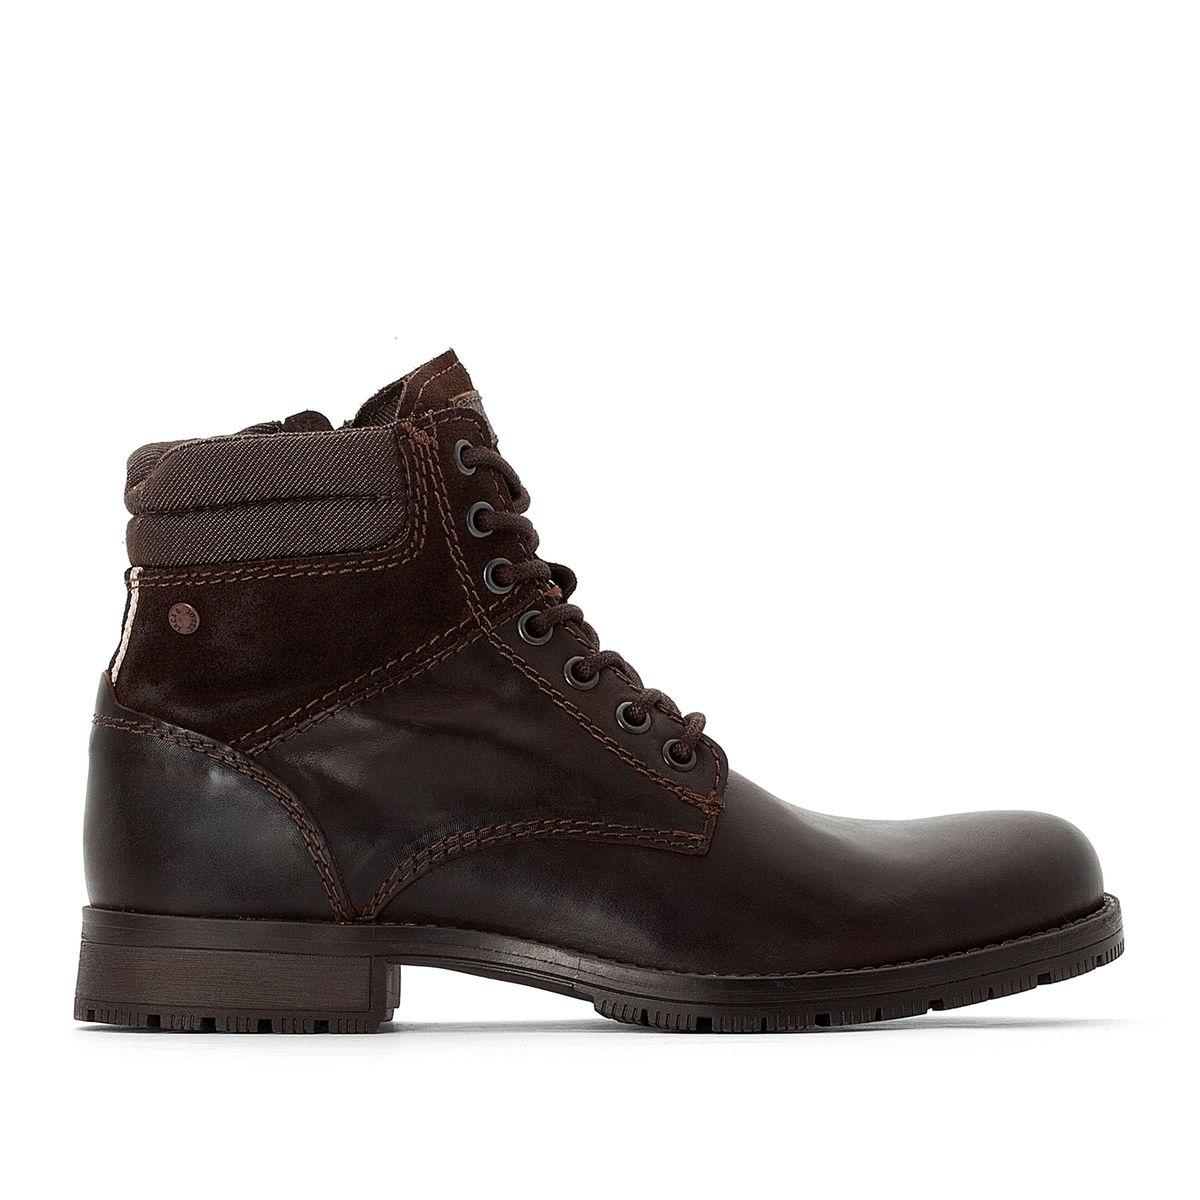 Boots JFWZACHARY